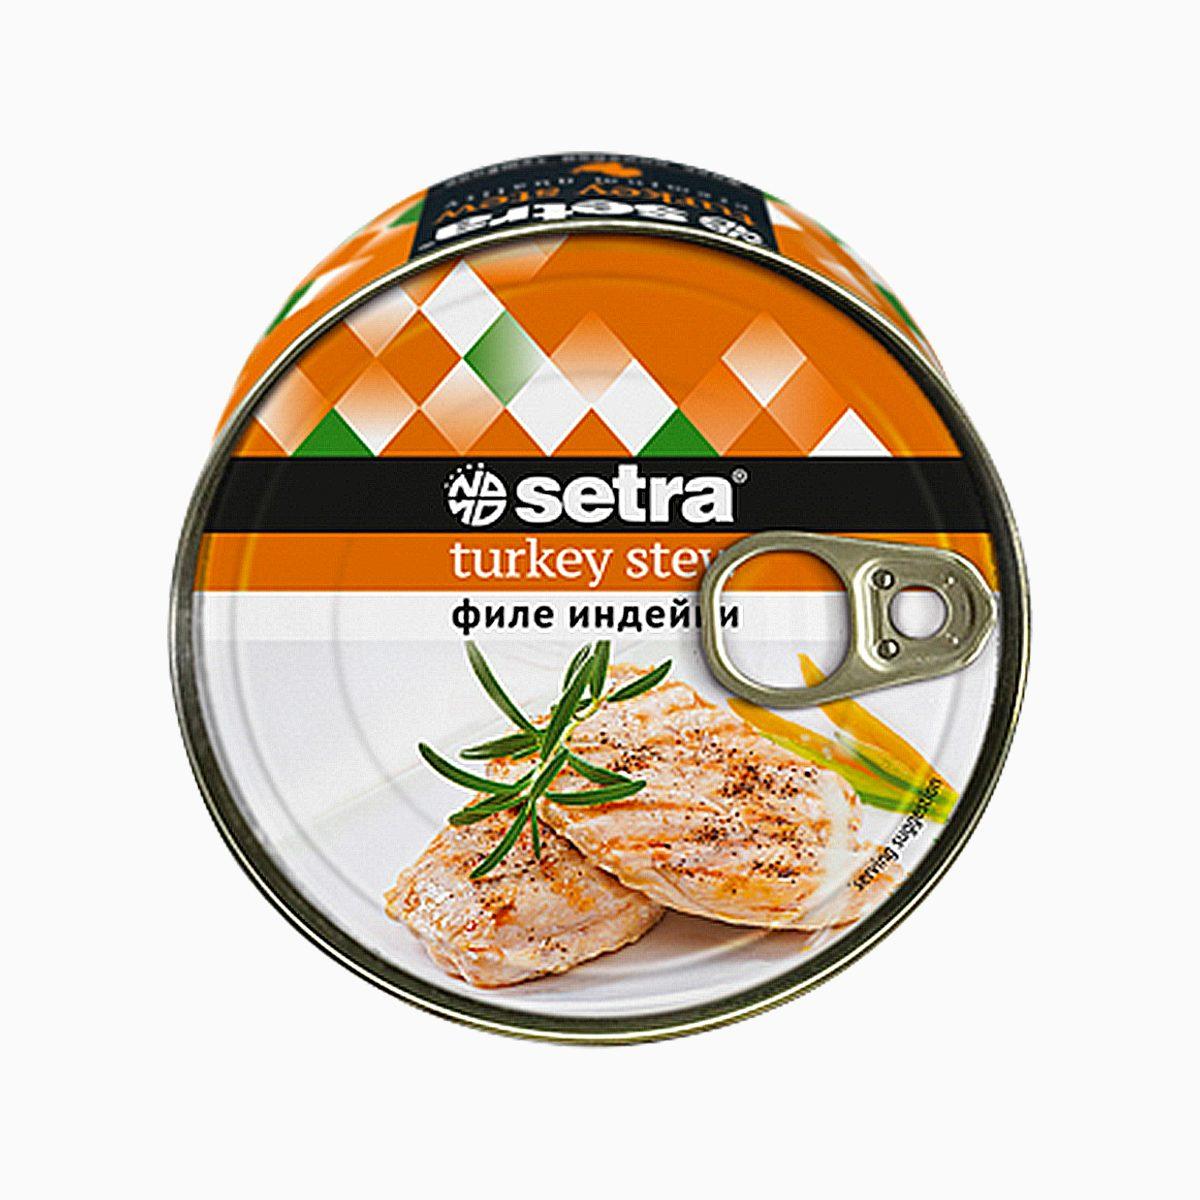 Филе индейки тушеное, Setra, 325 гр